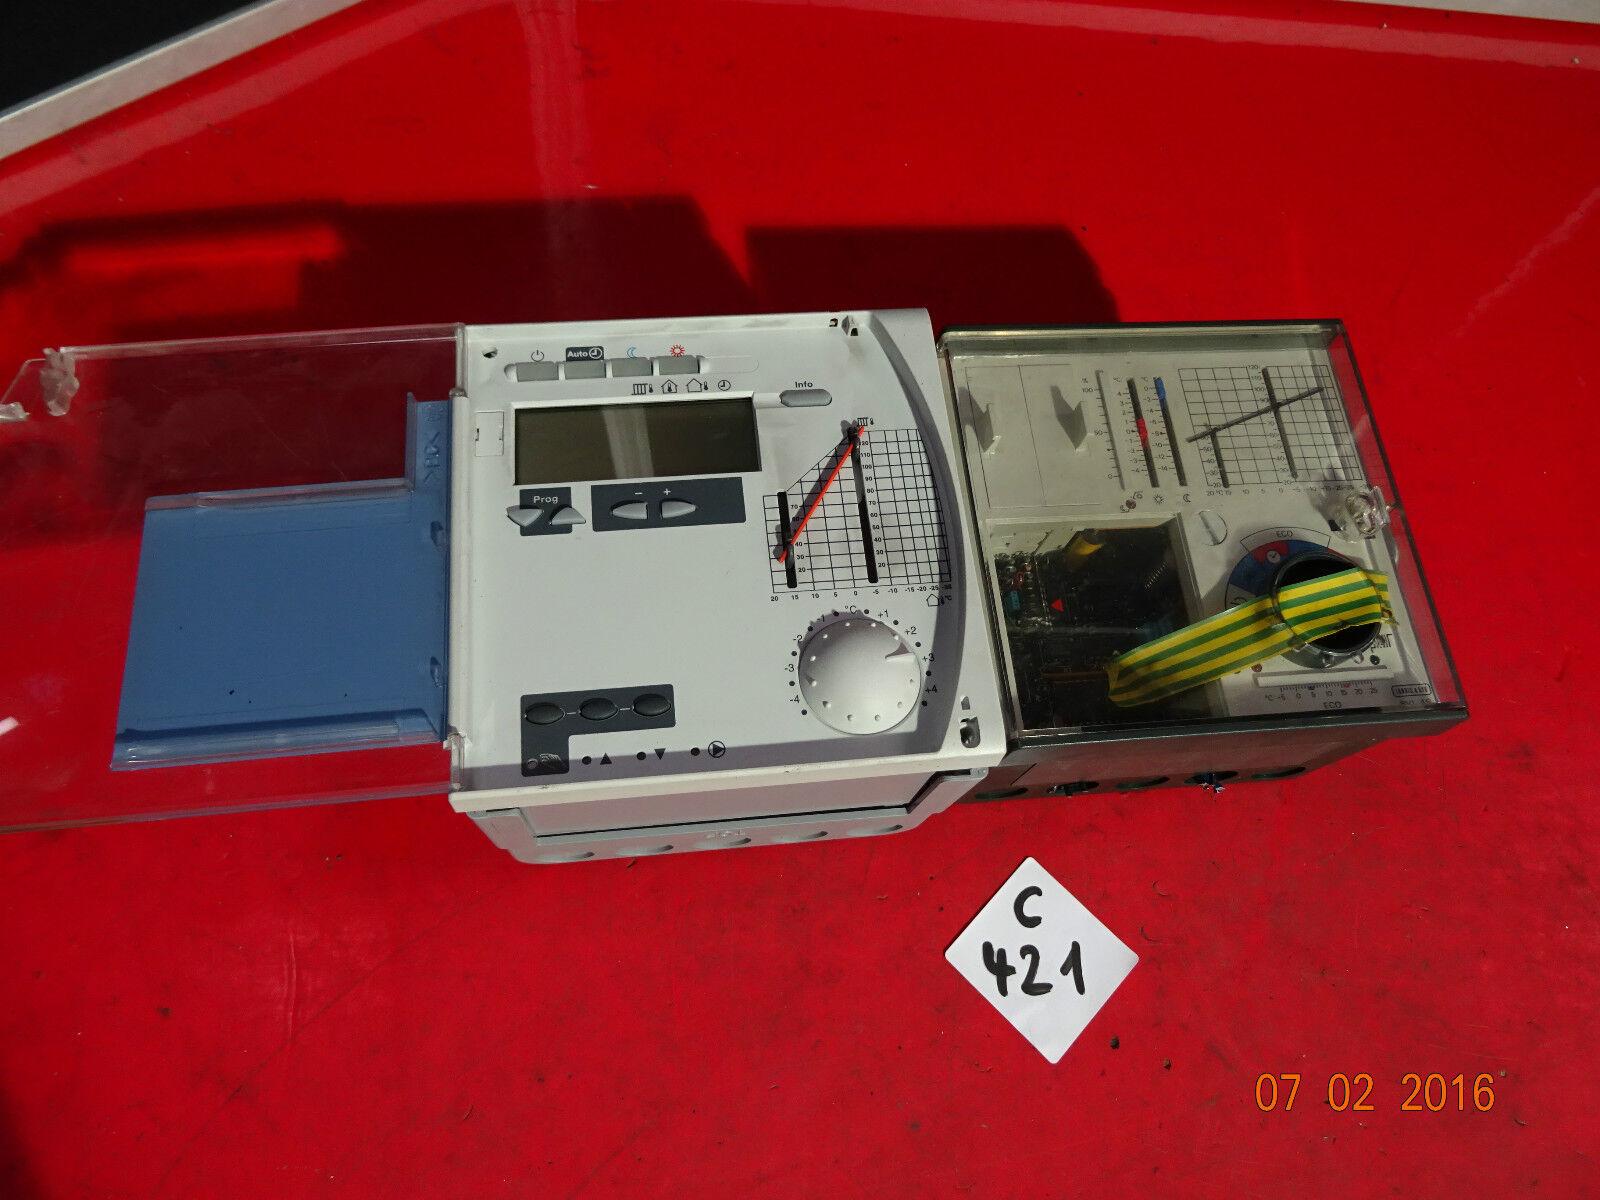 Siemens Landis & Staefa RVL 470 + Landis & GYR RVL ECO  45 (C421